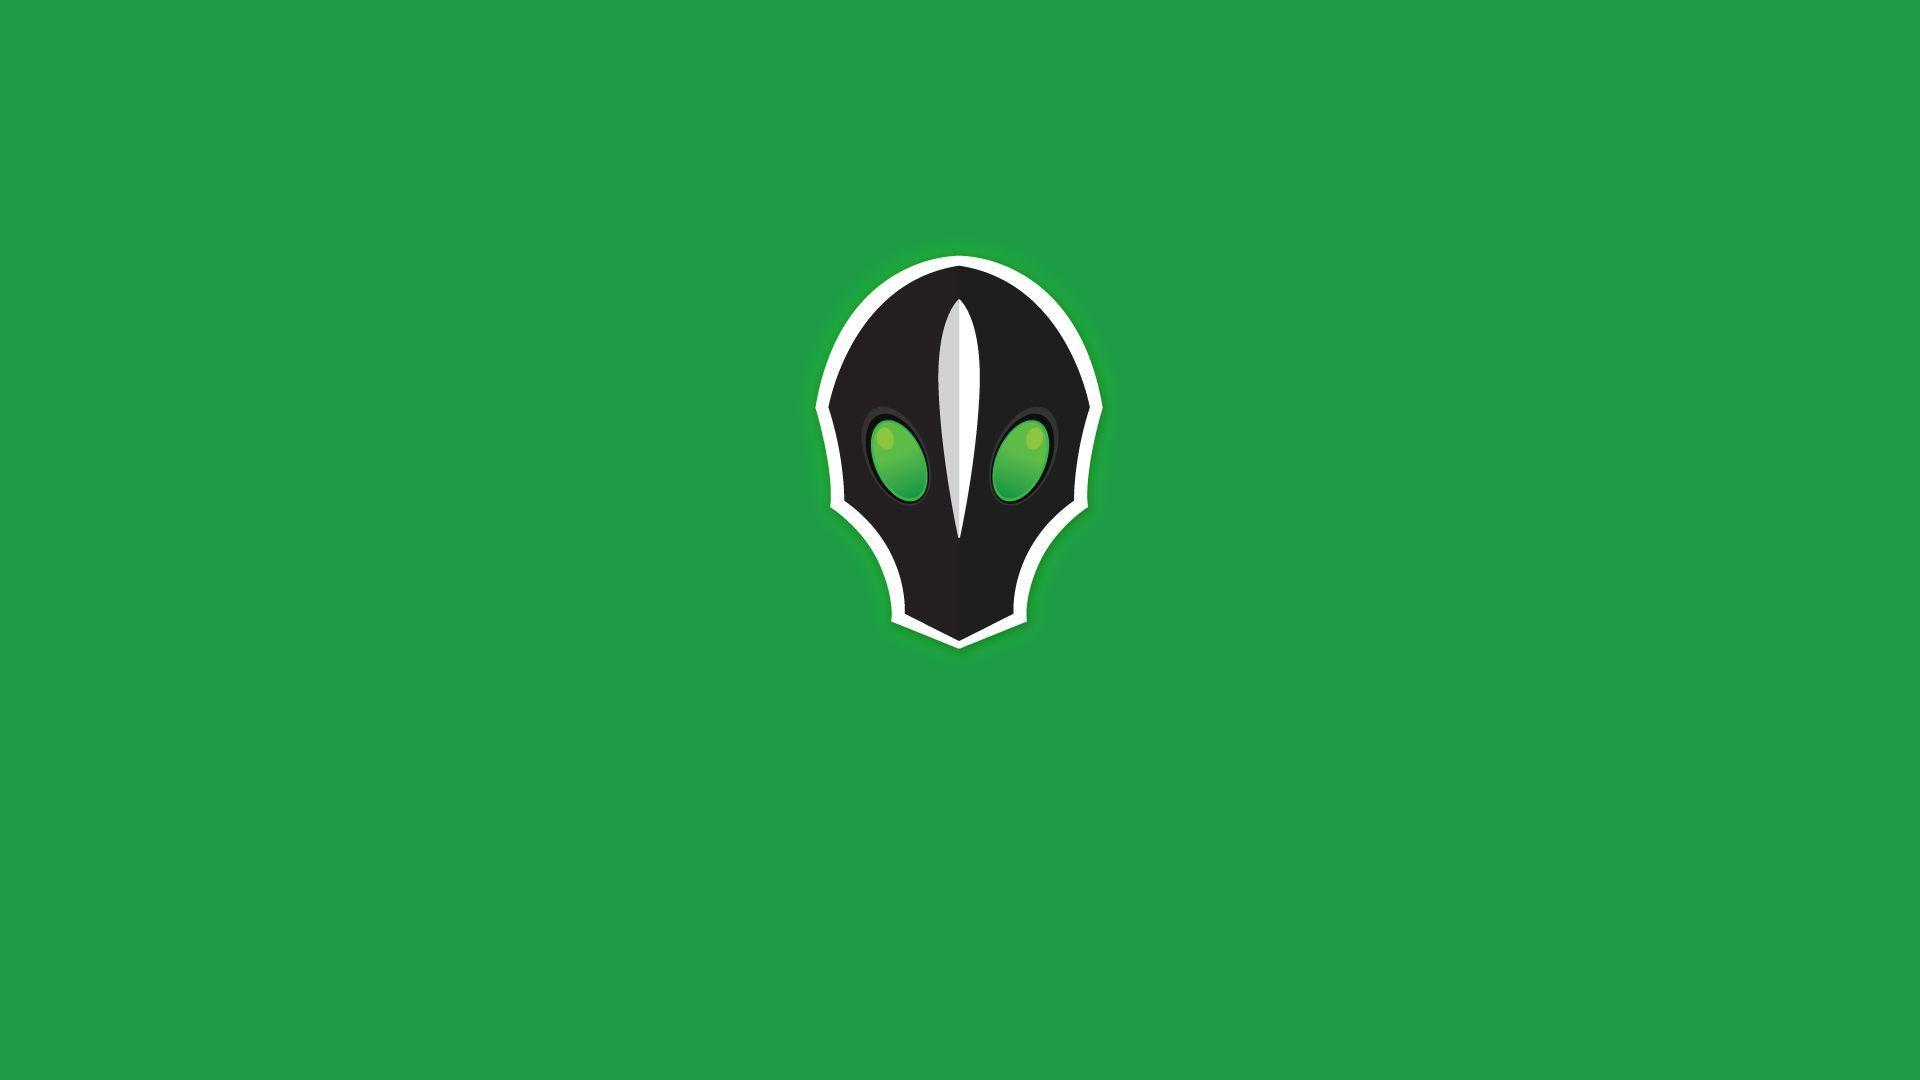 Minimalist Green Wallpapers - Top Free Minimalist Green ...